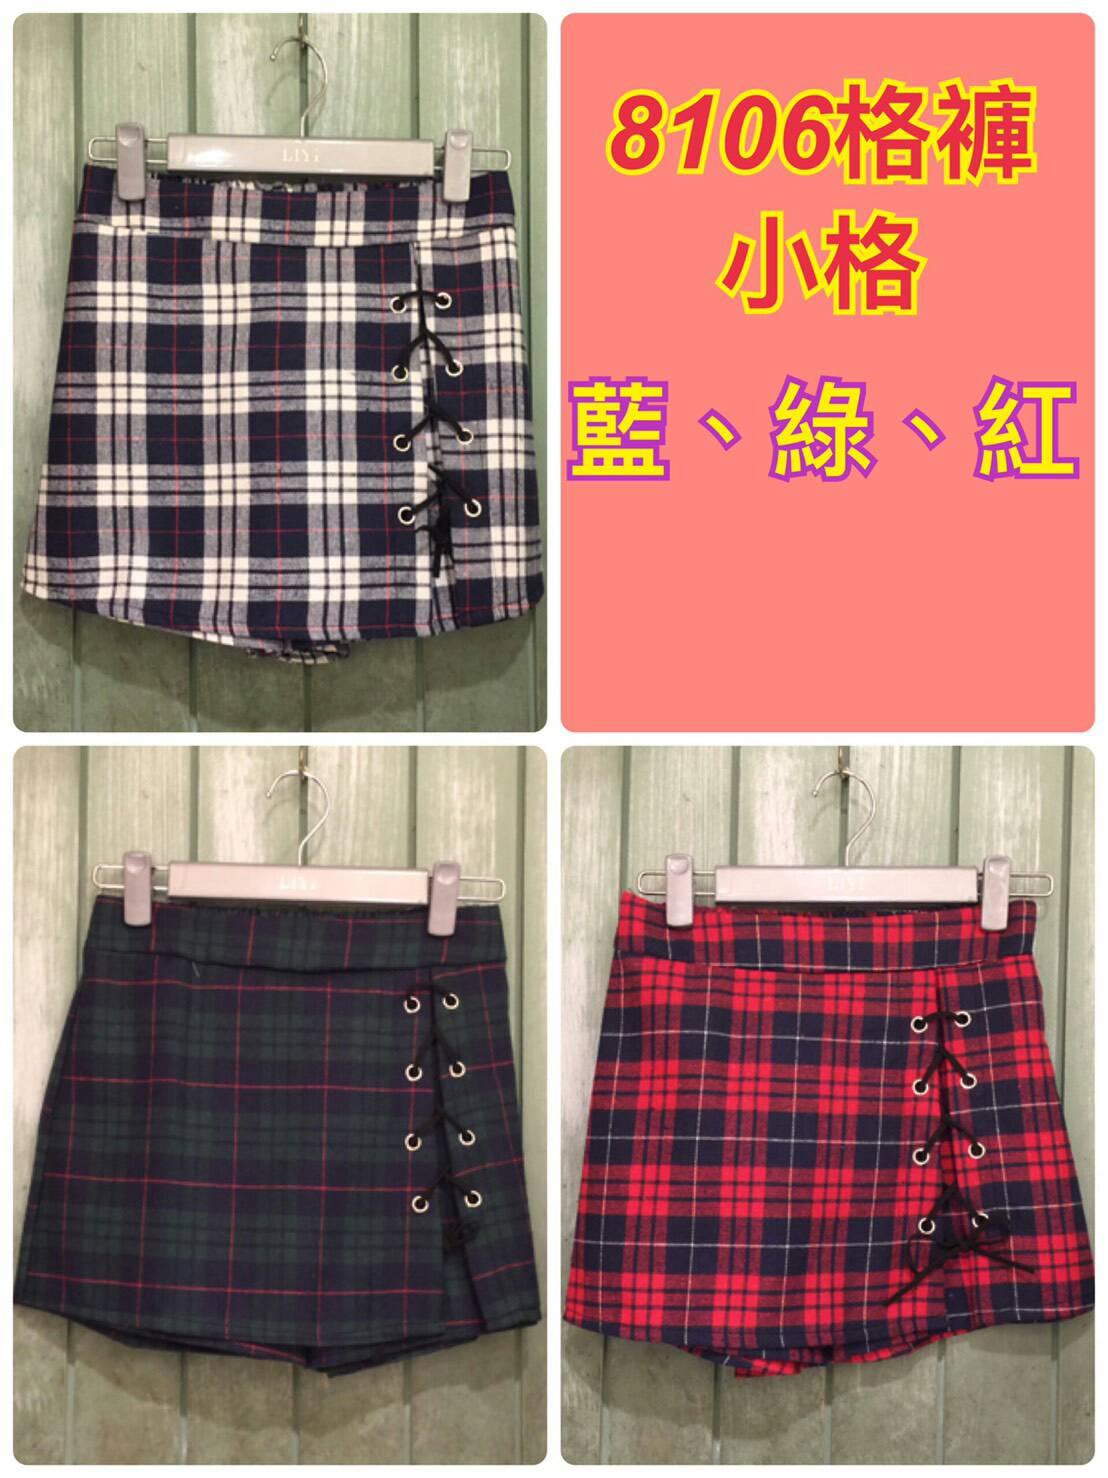 8106格褲(小格)